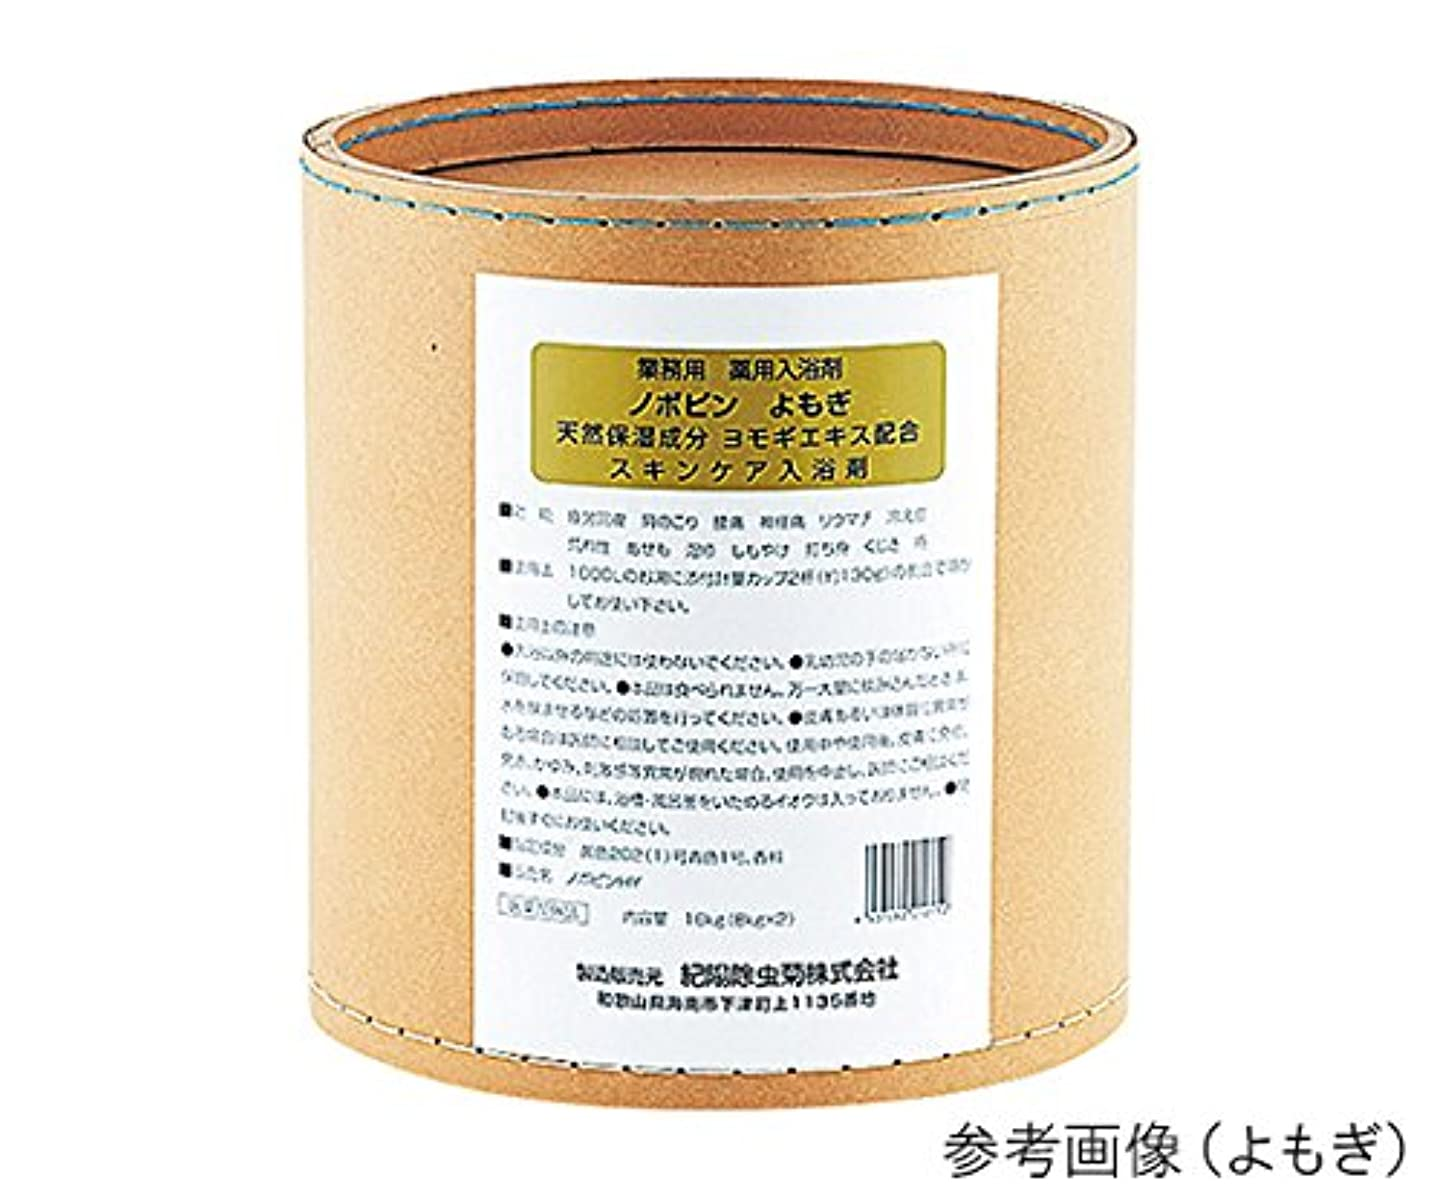 蒸留する写真エミュレーション紀陽除虫菊7-2541-04業務用薬用入浴剤(ノボピン)よもぎ(8kg×2個入)